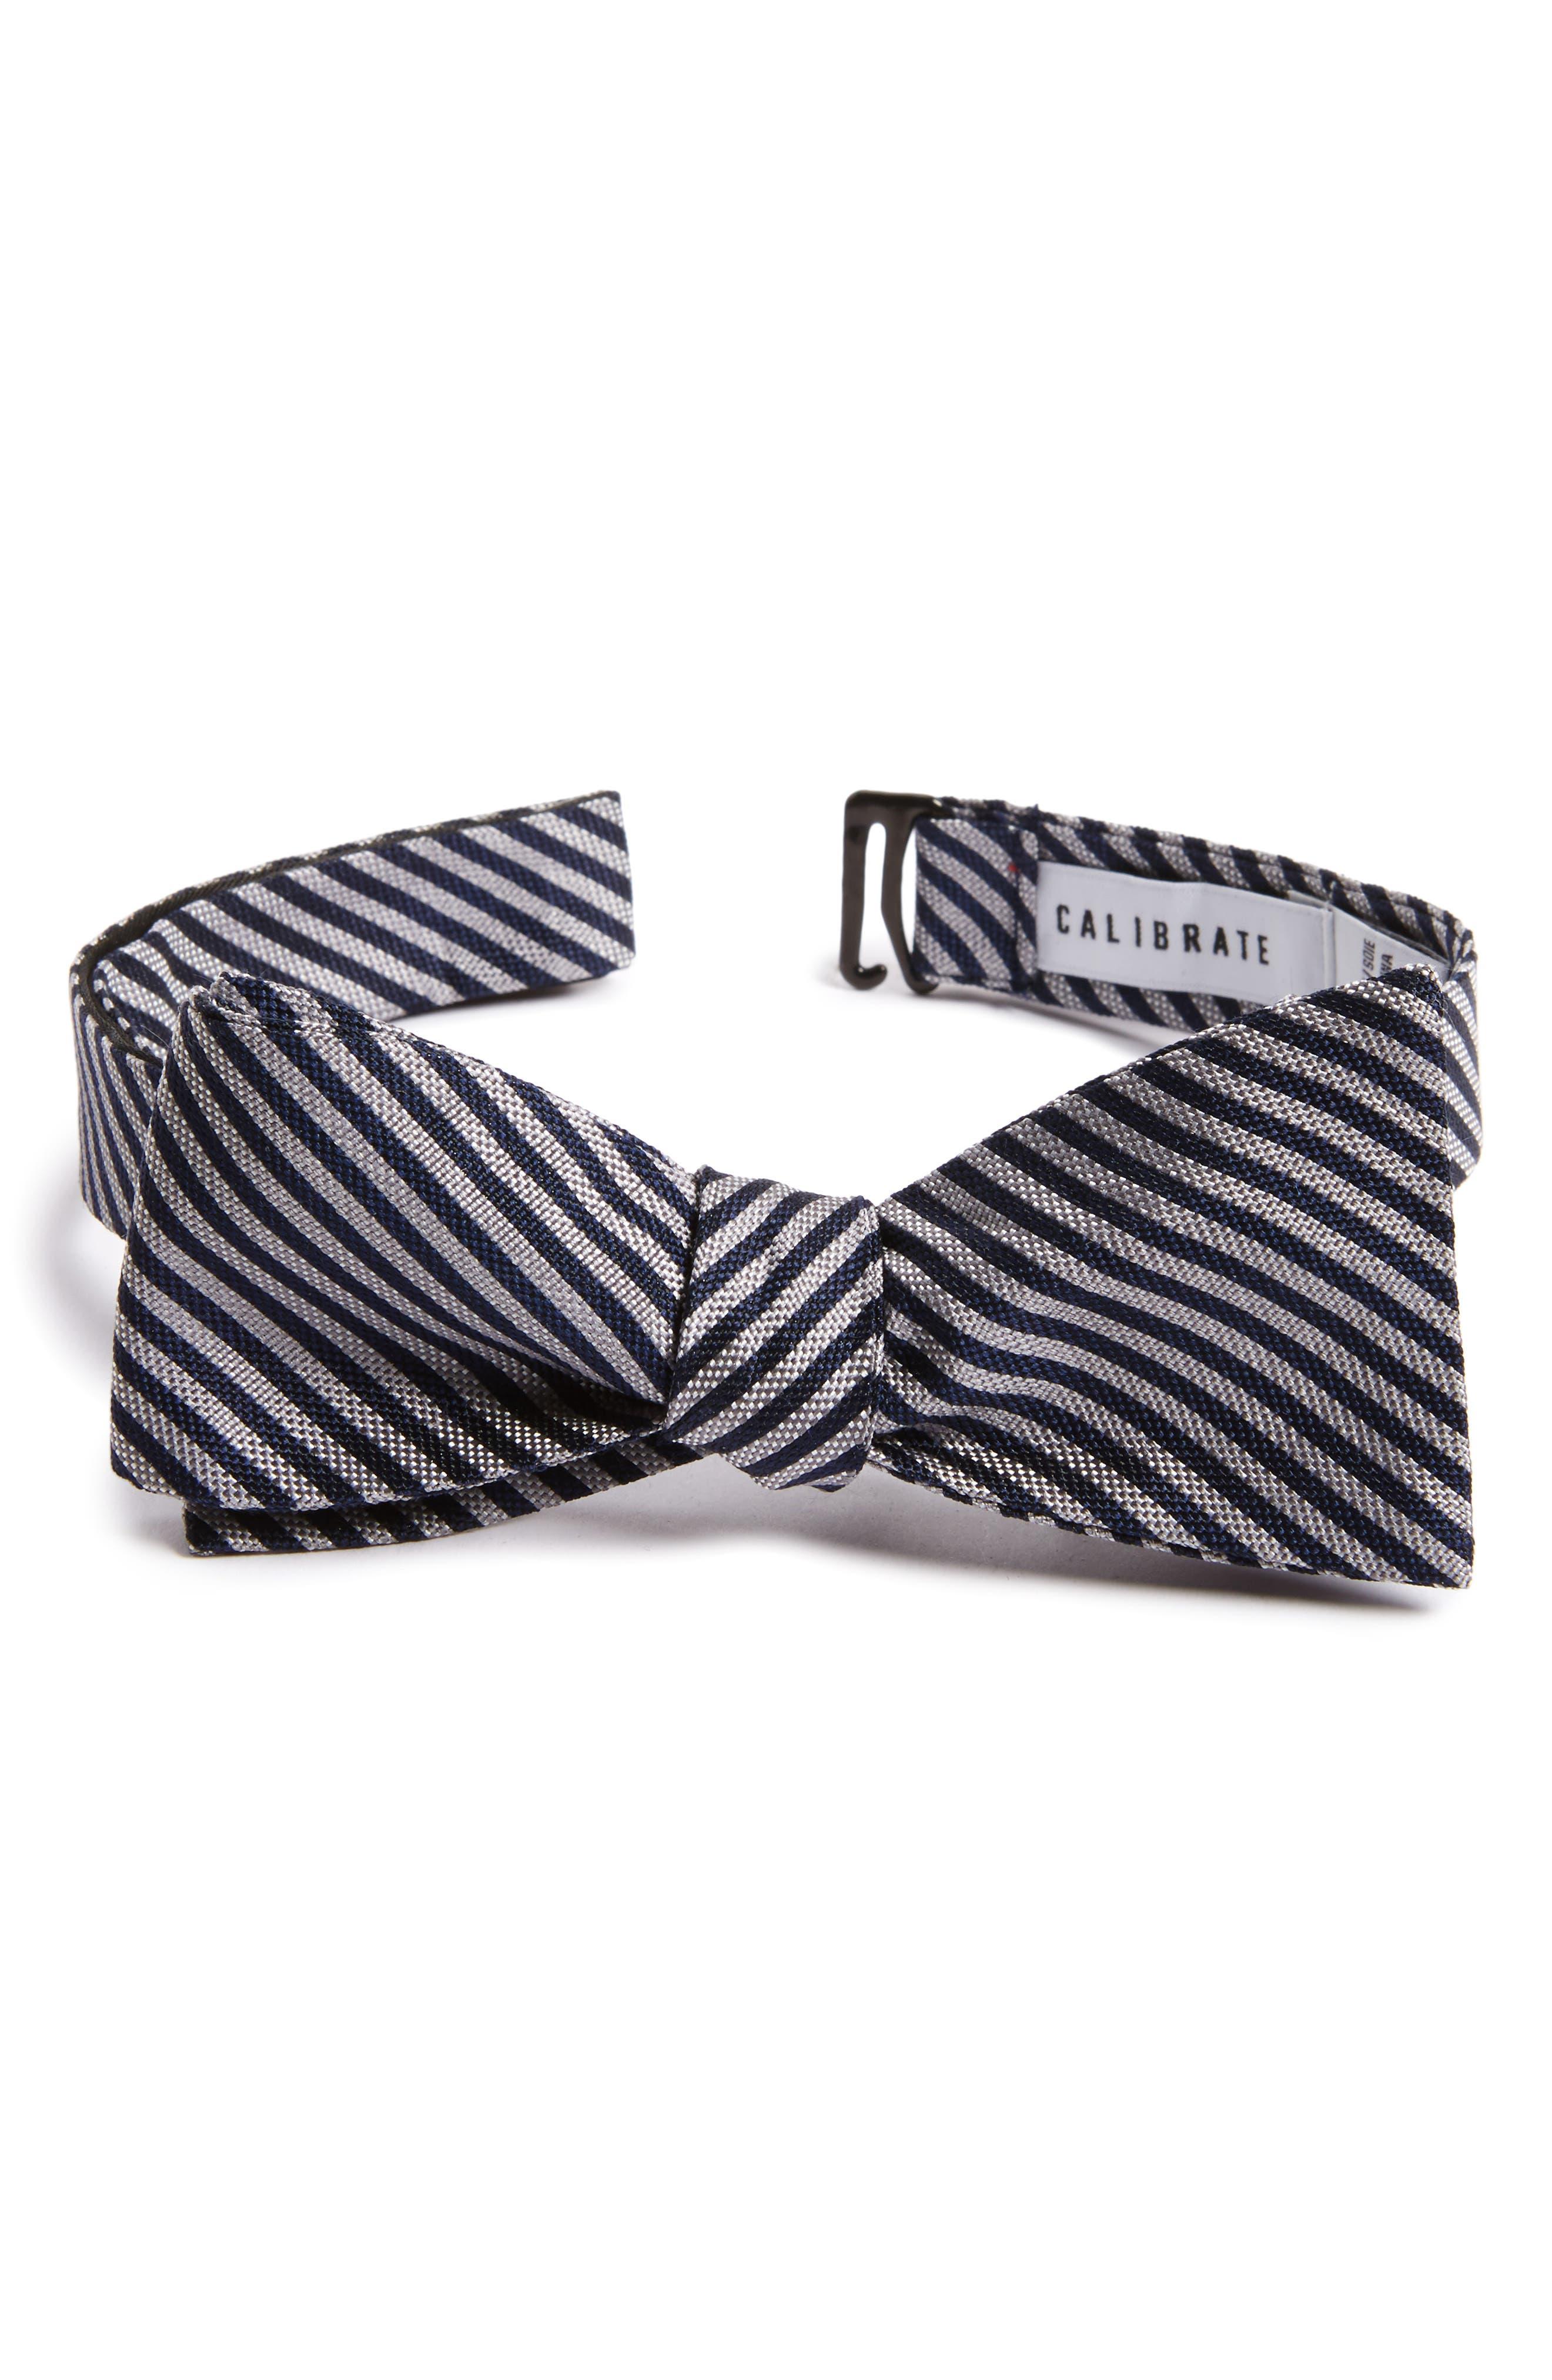 Calibrate Micro Oxford Stripe Silk Bow Tie